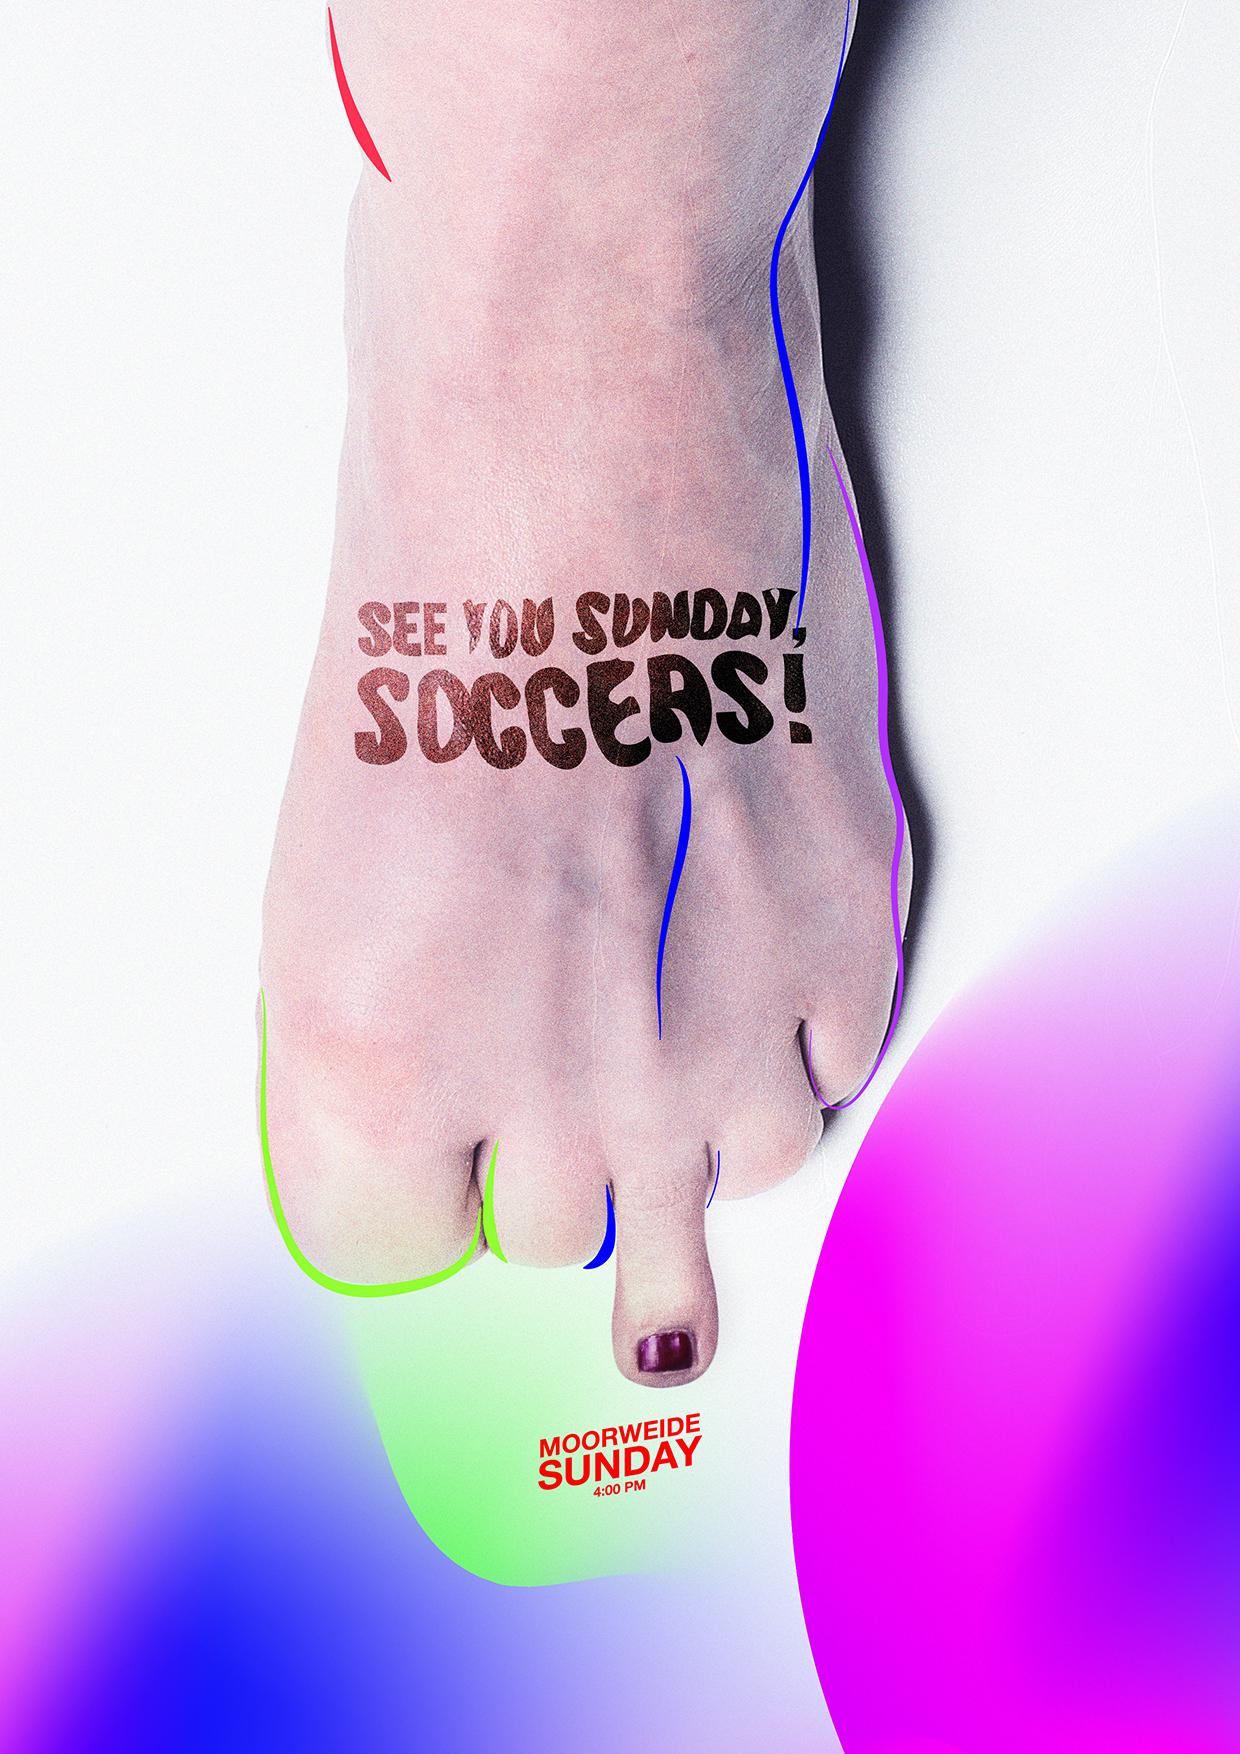 cu soccers